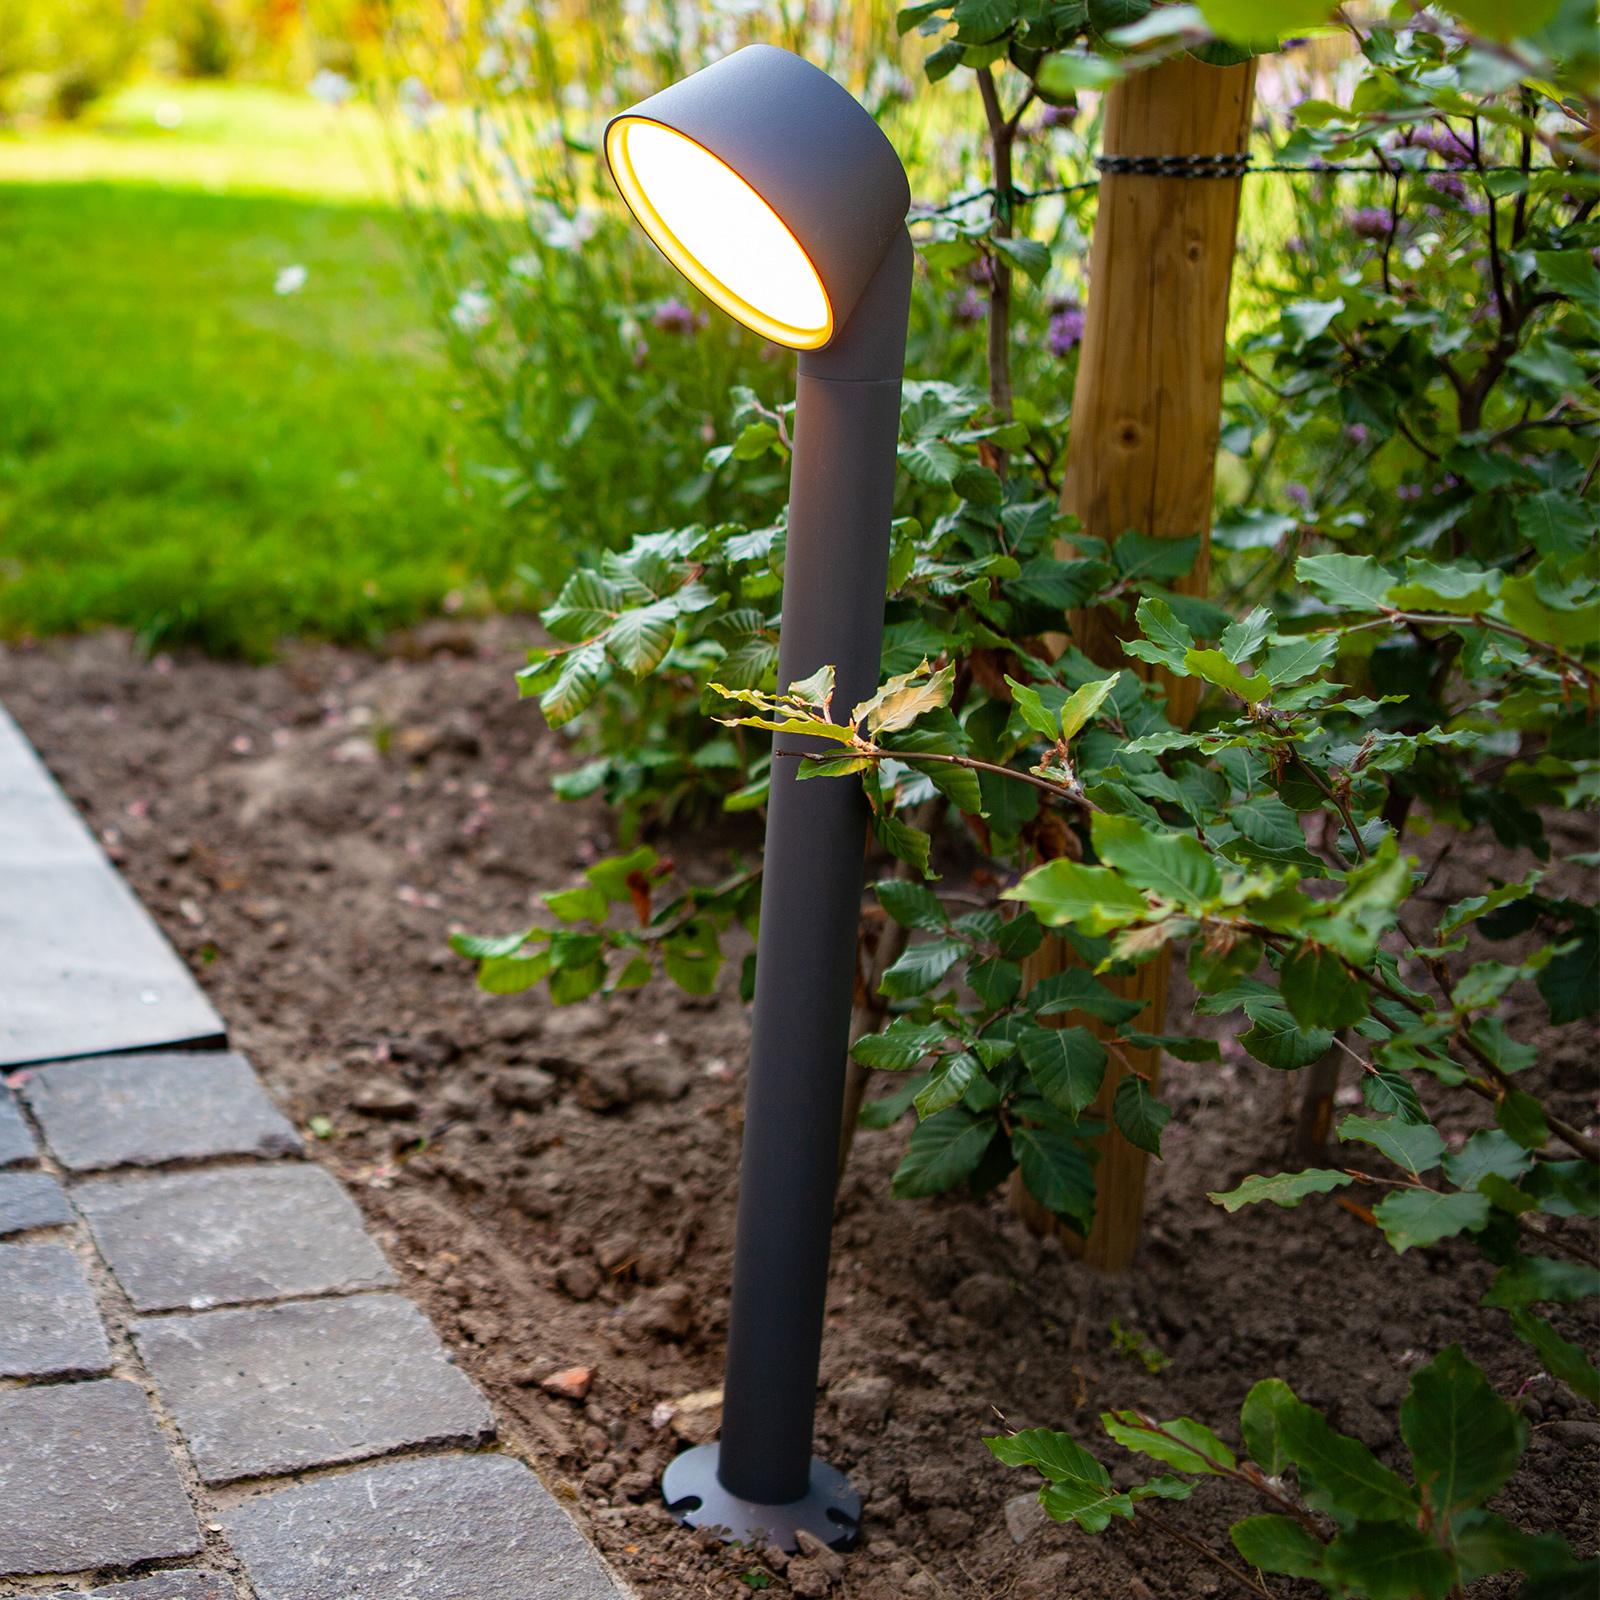 Słupek ogrodowy LED Dakota z technologią Tuya